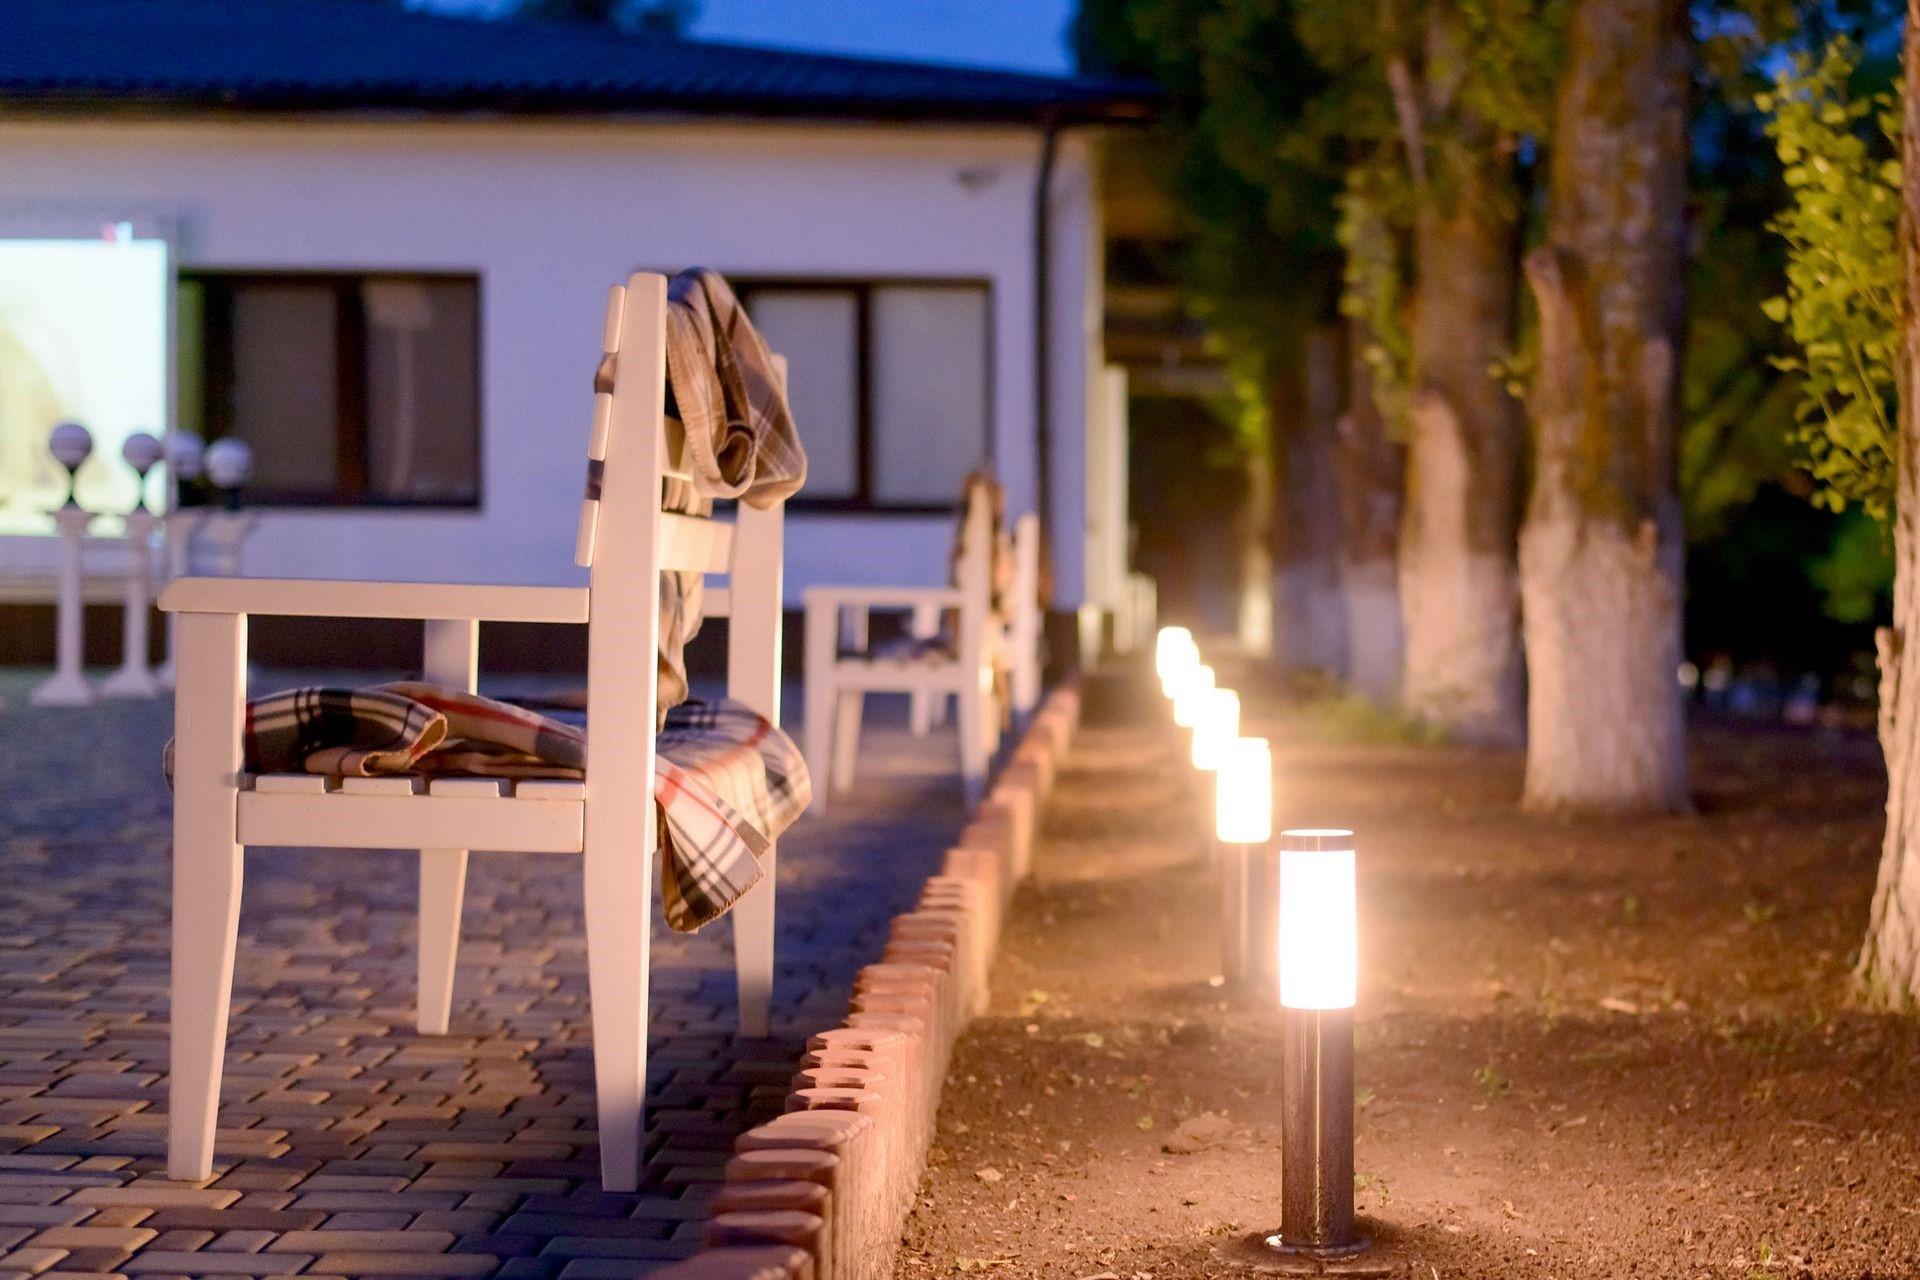 Lampade Per Porticati Esterni come scegliere i lampadari per esterno - mazzola luce blog